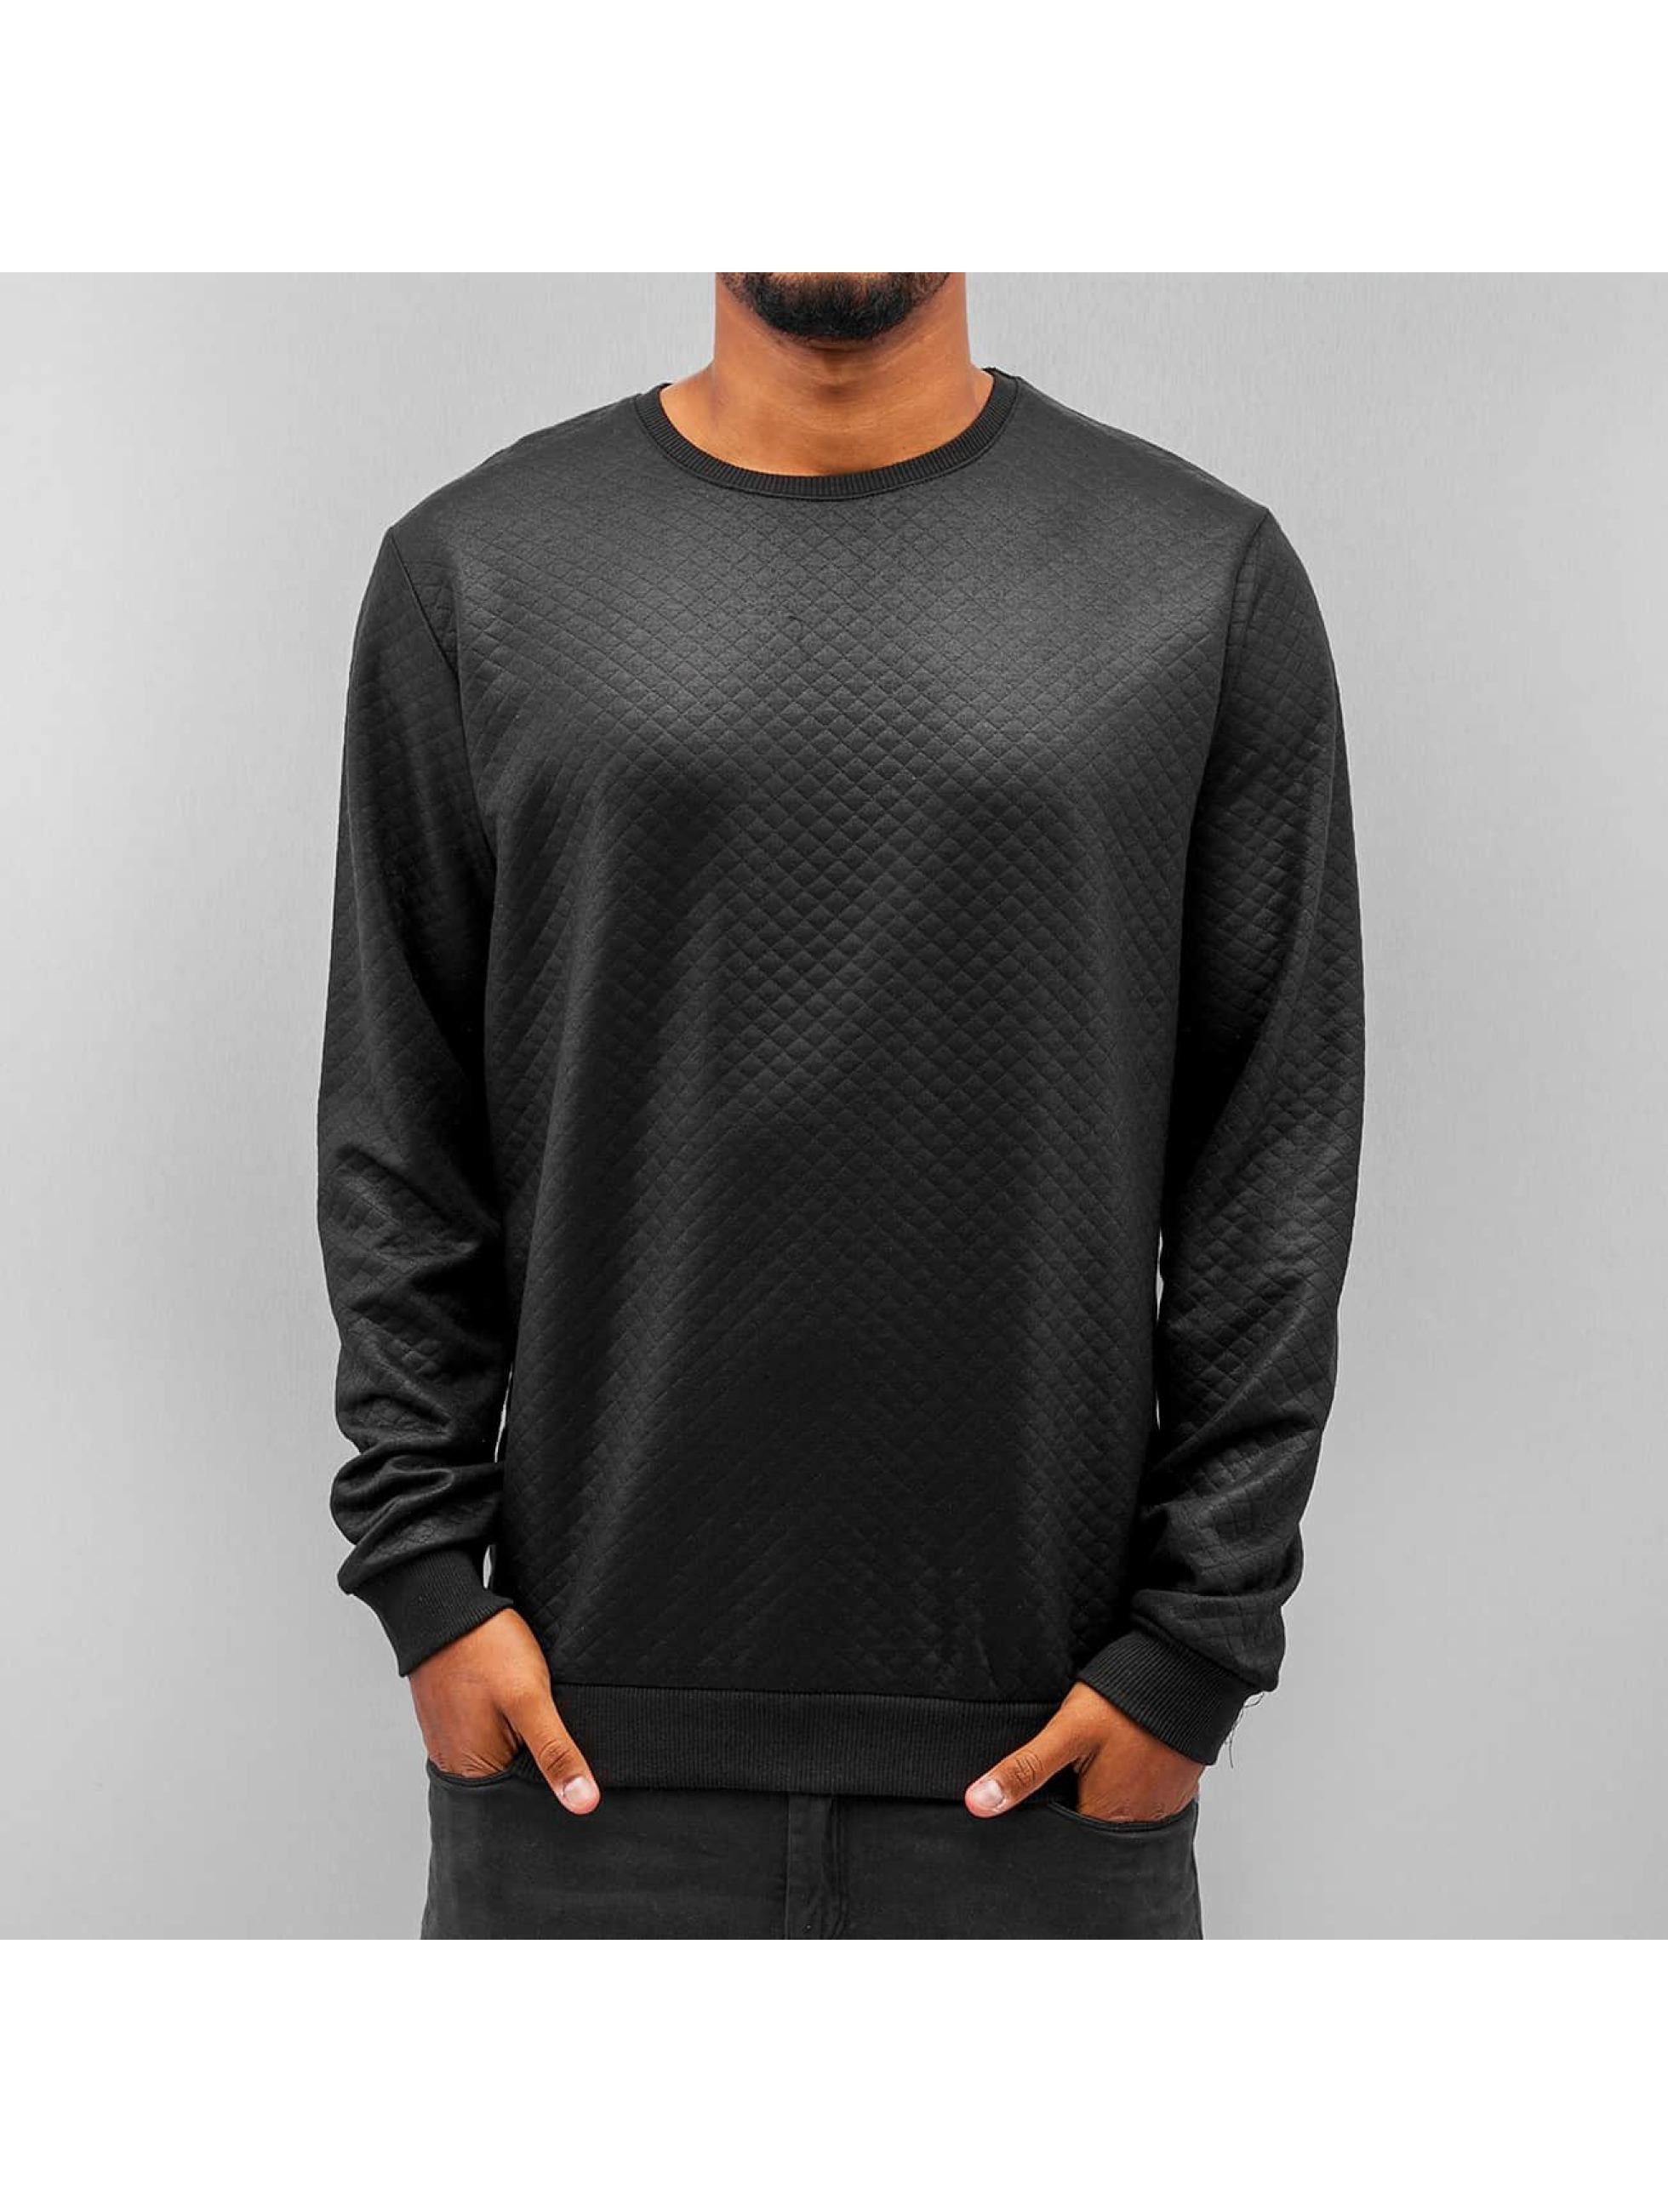 Solid Пуловер Tao черный